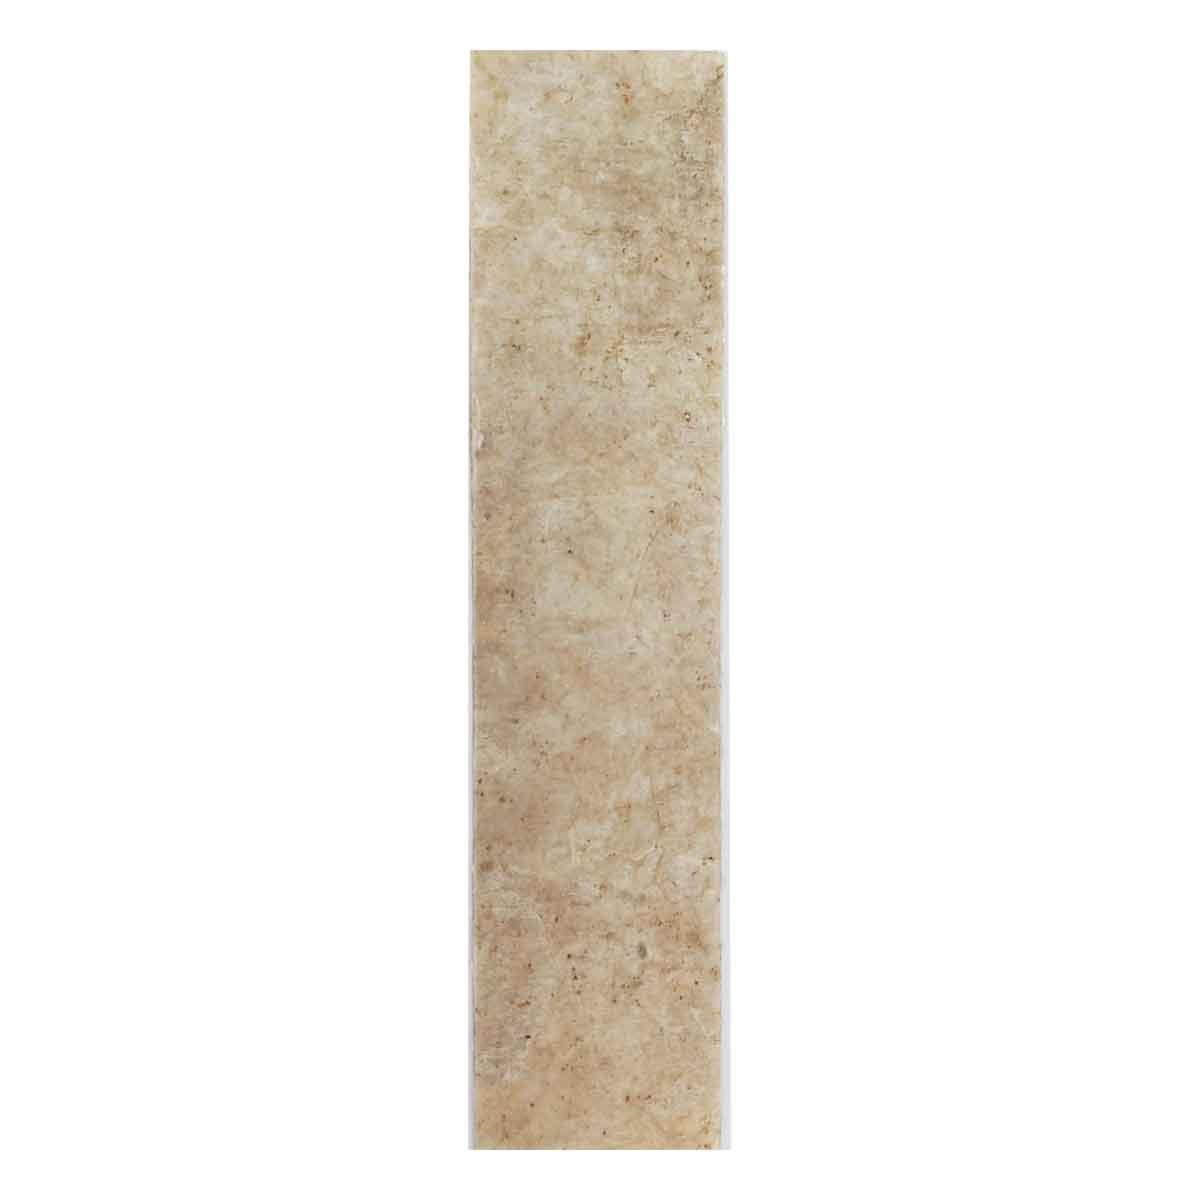 Placa de mica para isolação 27cm x 6 cm x 1 mm